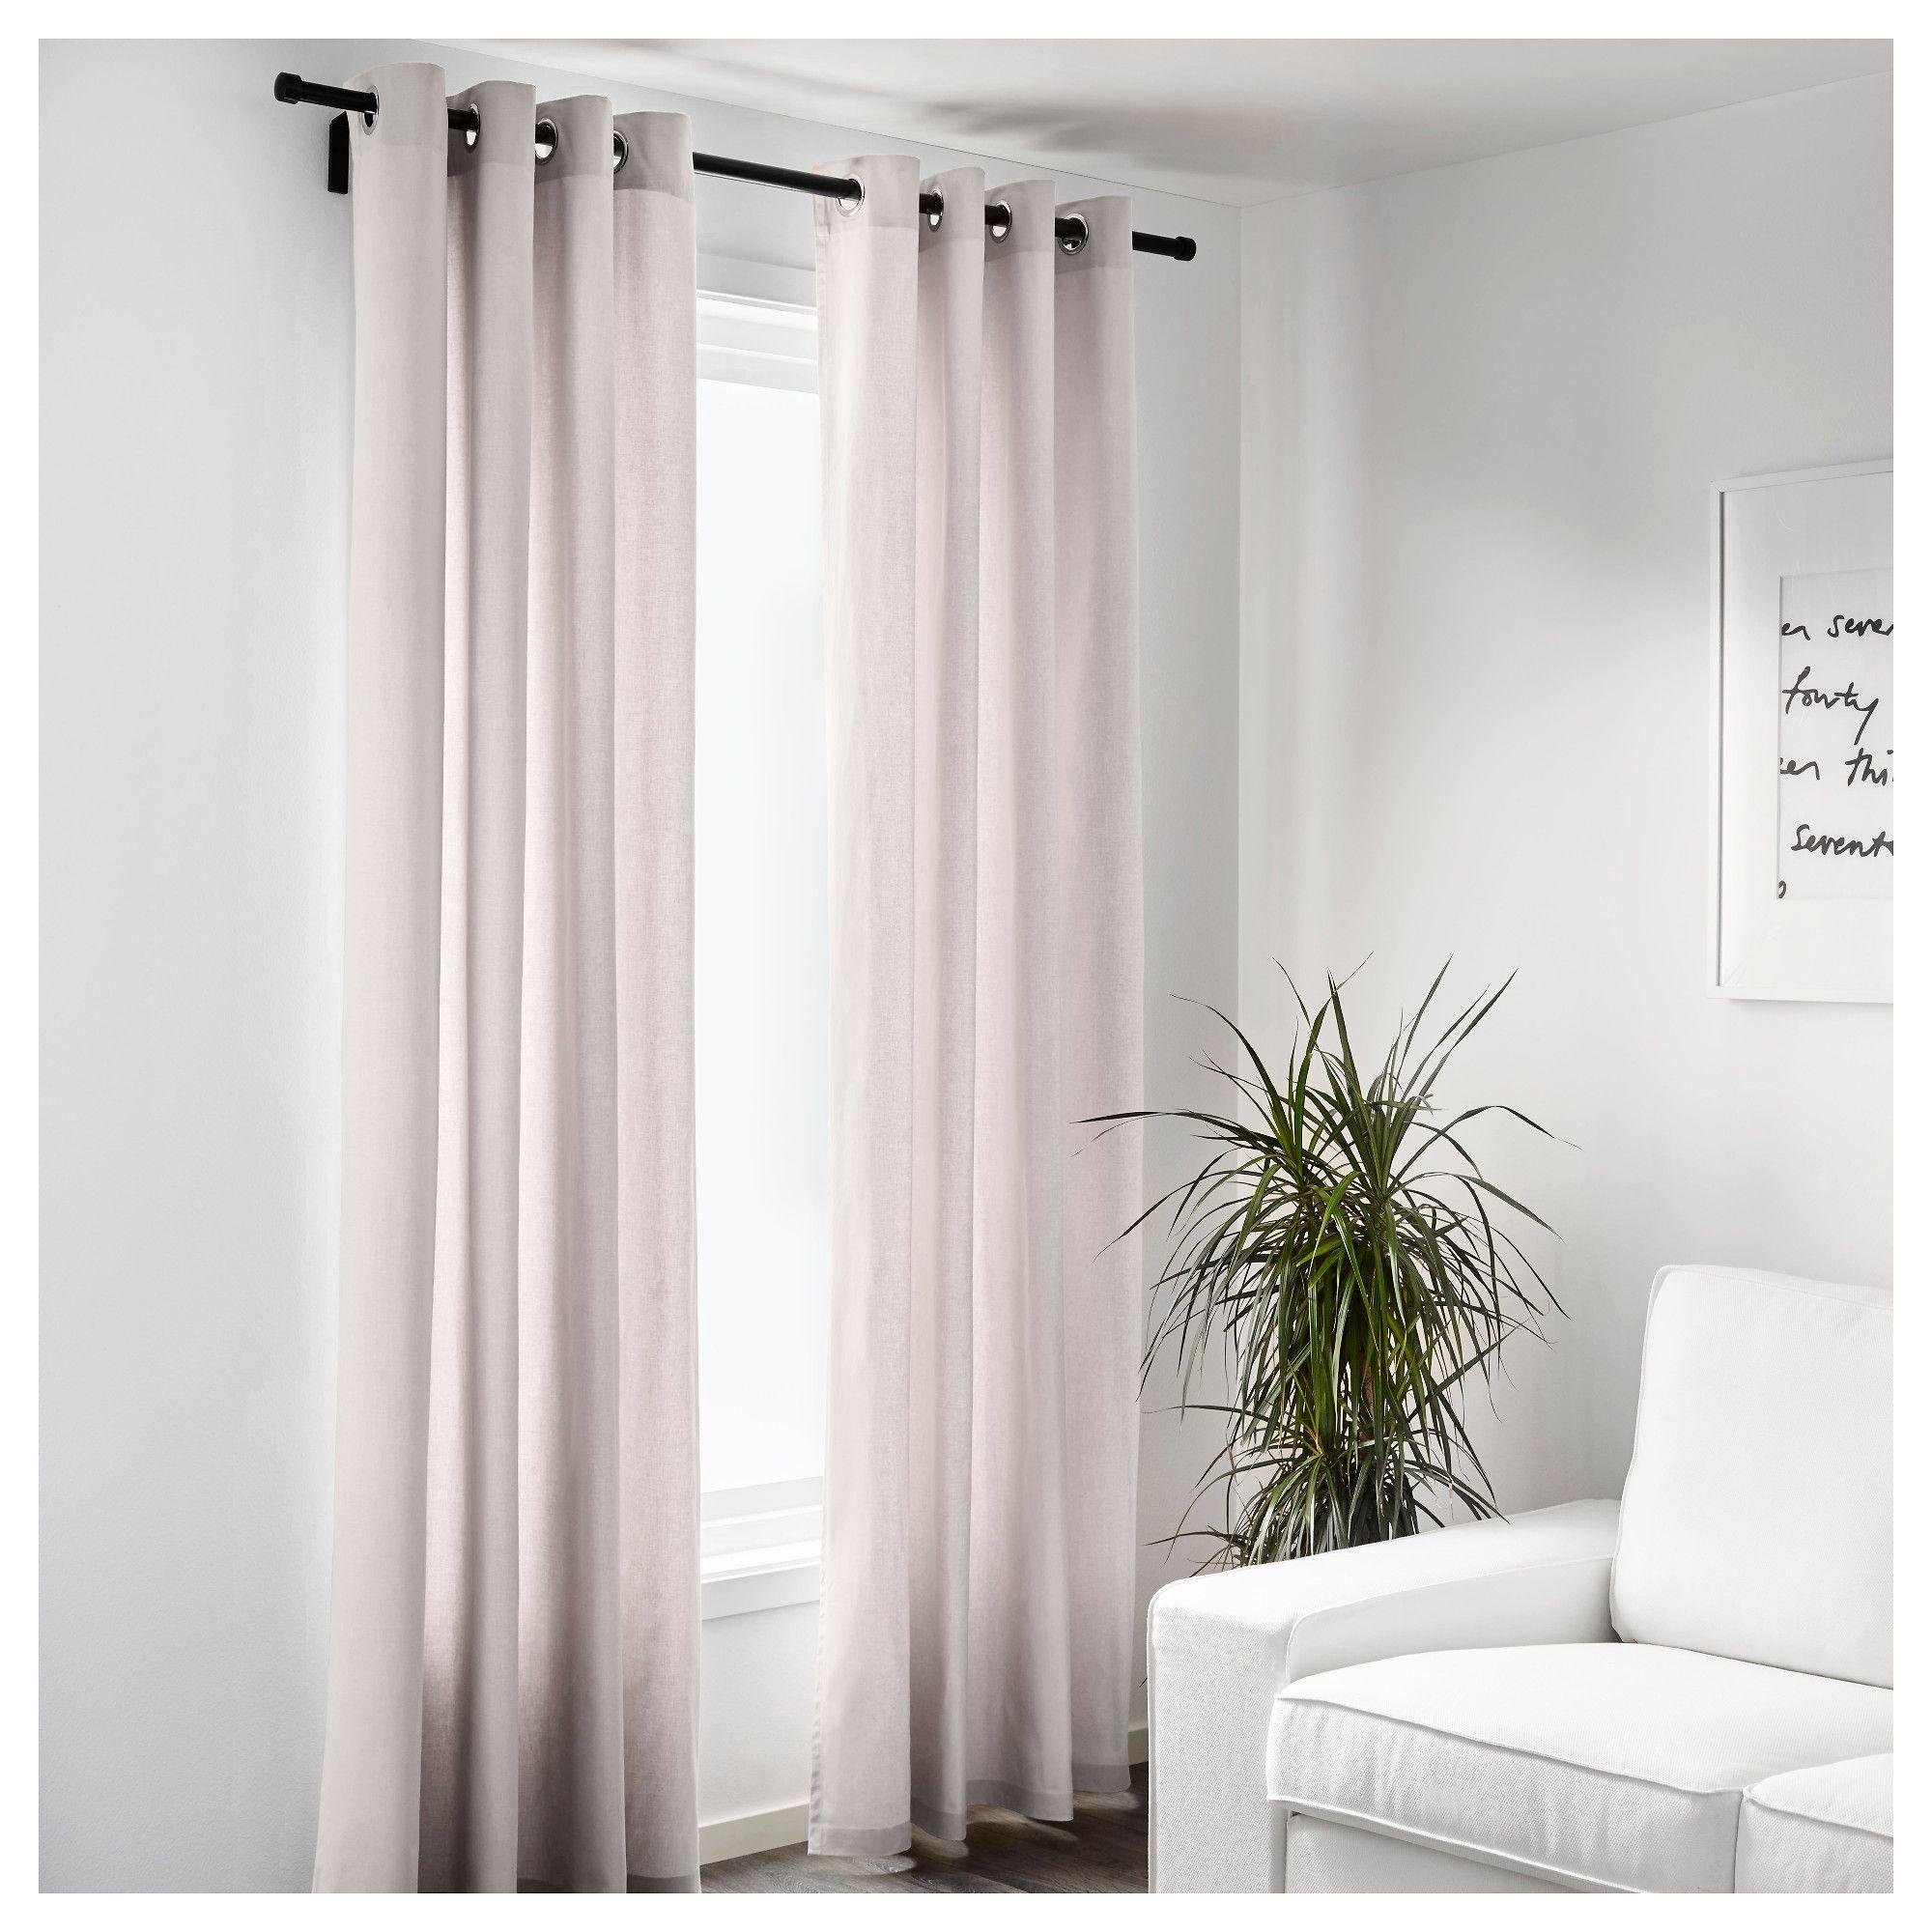 IKEA - MERETE Room darkening curtains, 1 pair beige | Curtains ...